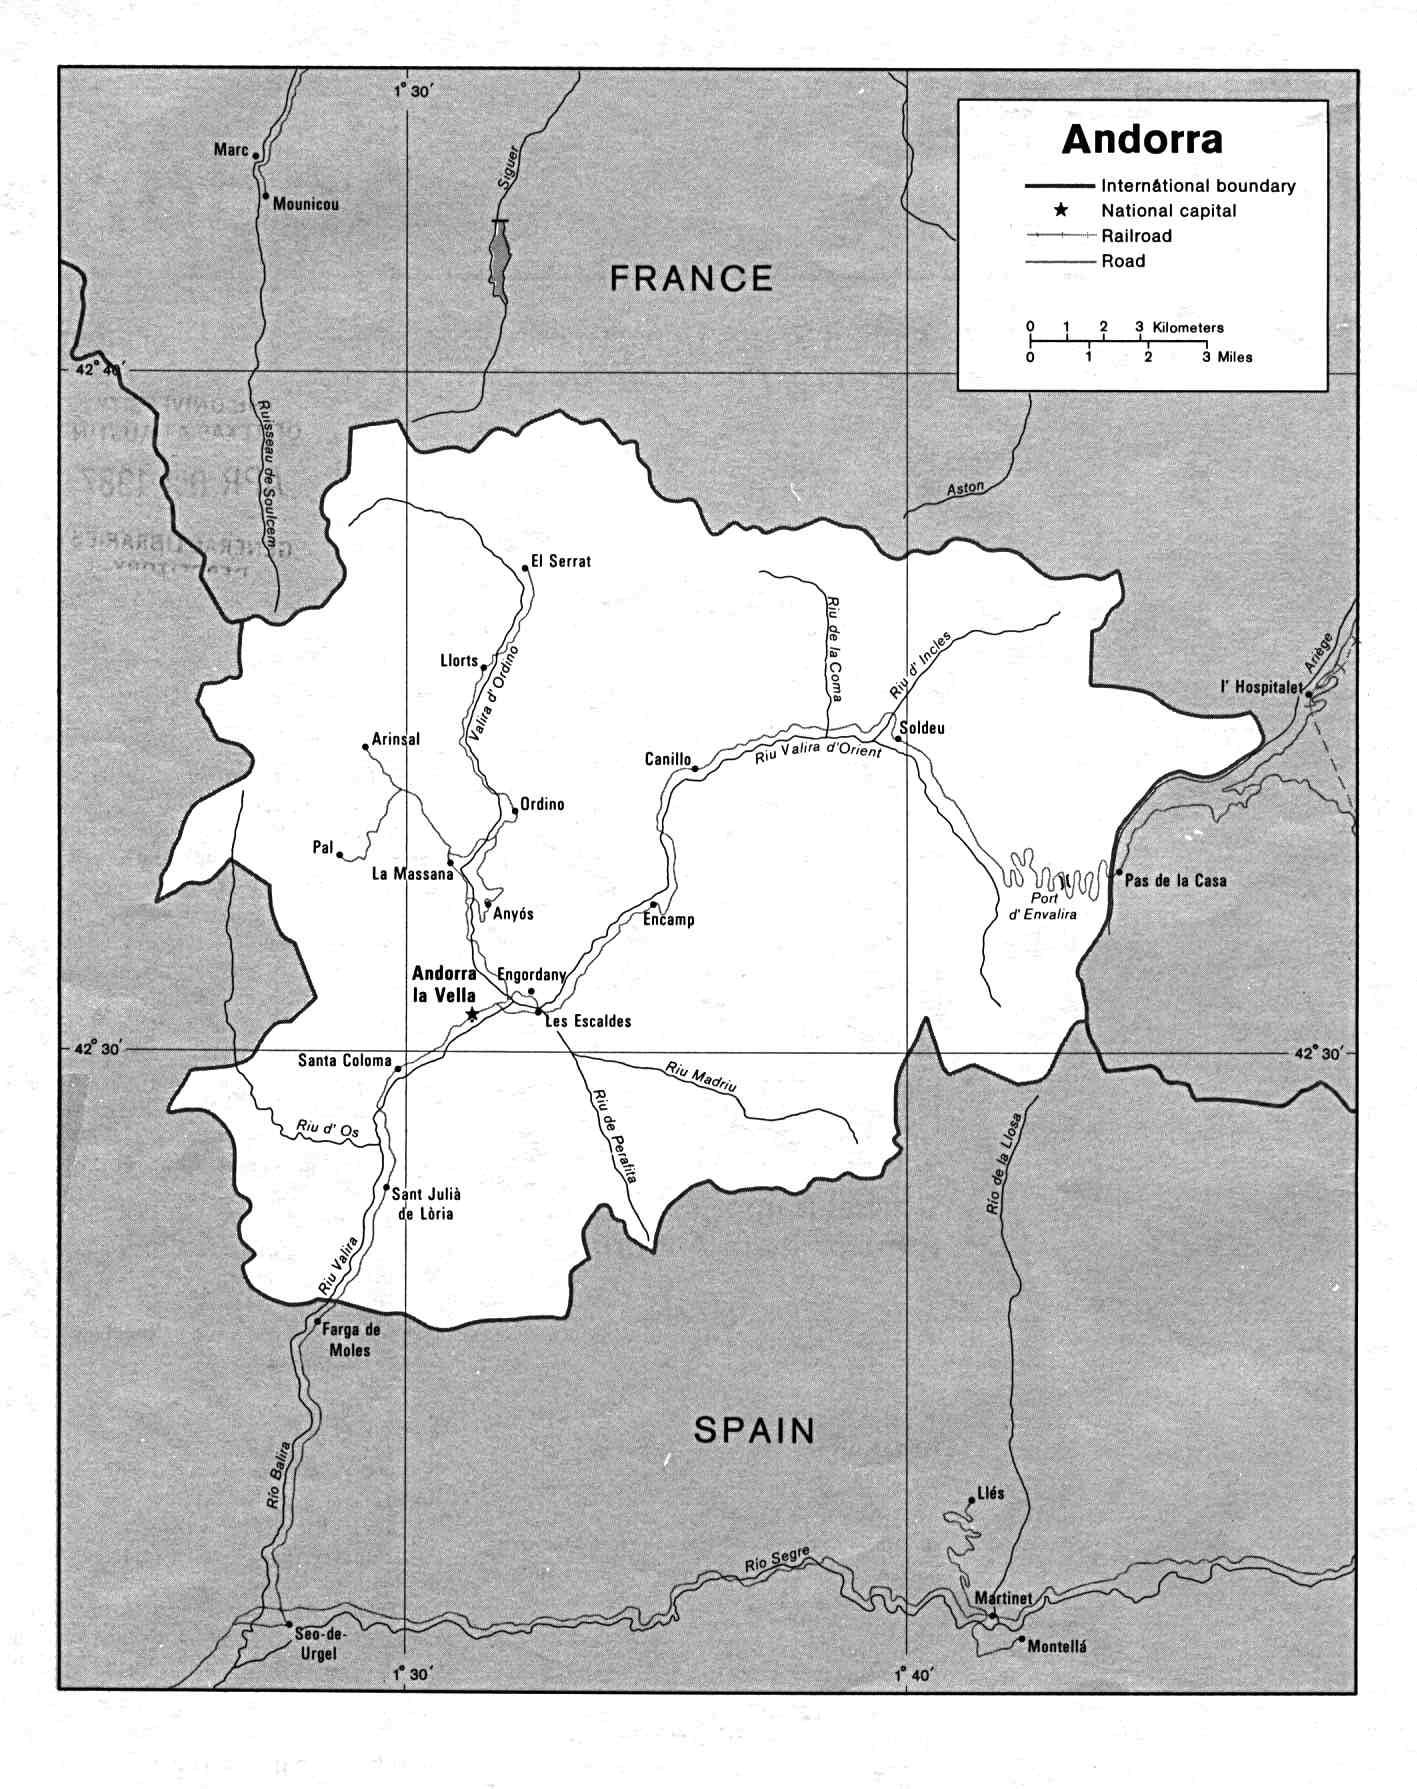 安道尔电子地图 - 安道尔各城市中文版地图浏览 - 安道尔旅游地图